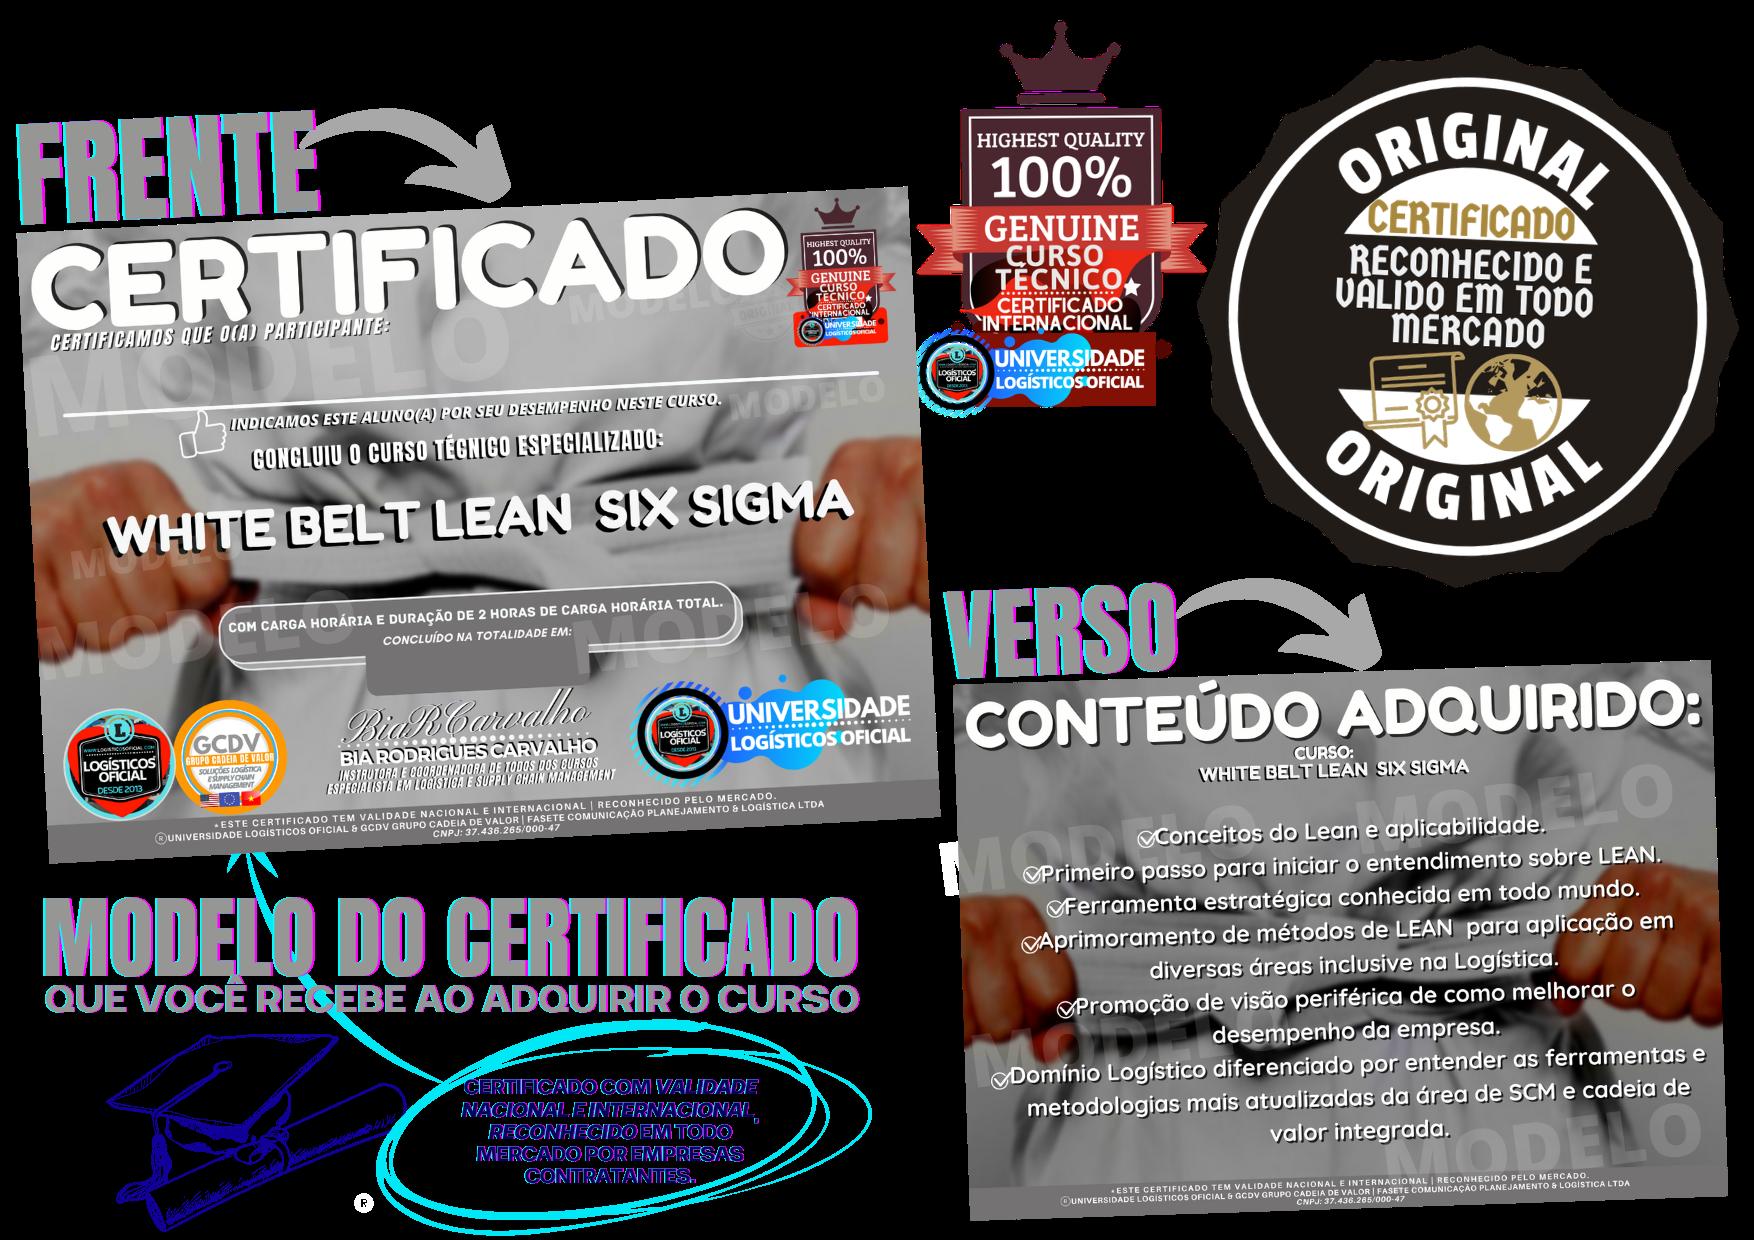 Certificado Lean 6 sigma